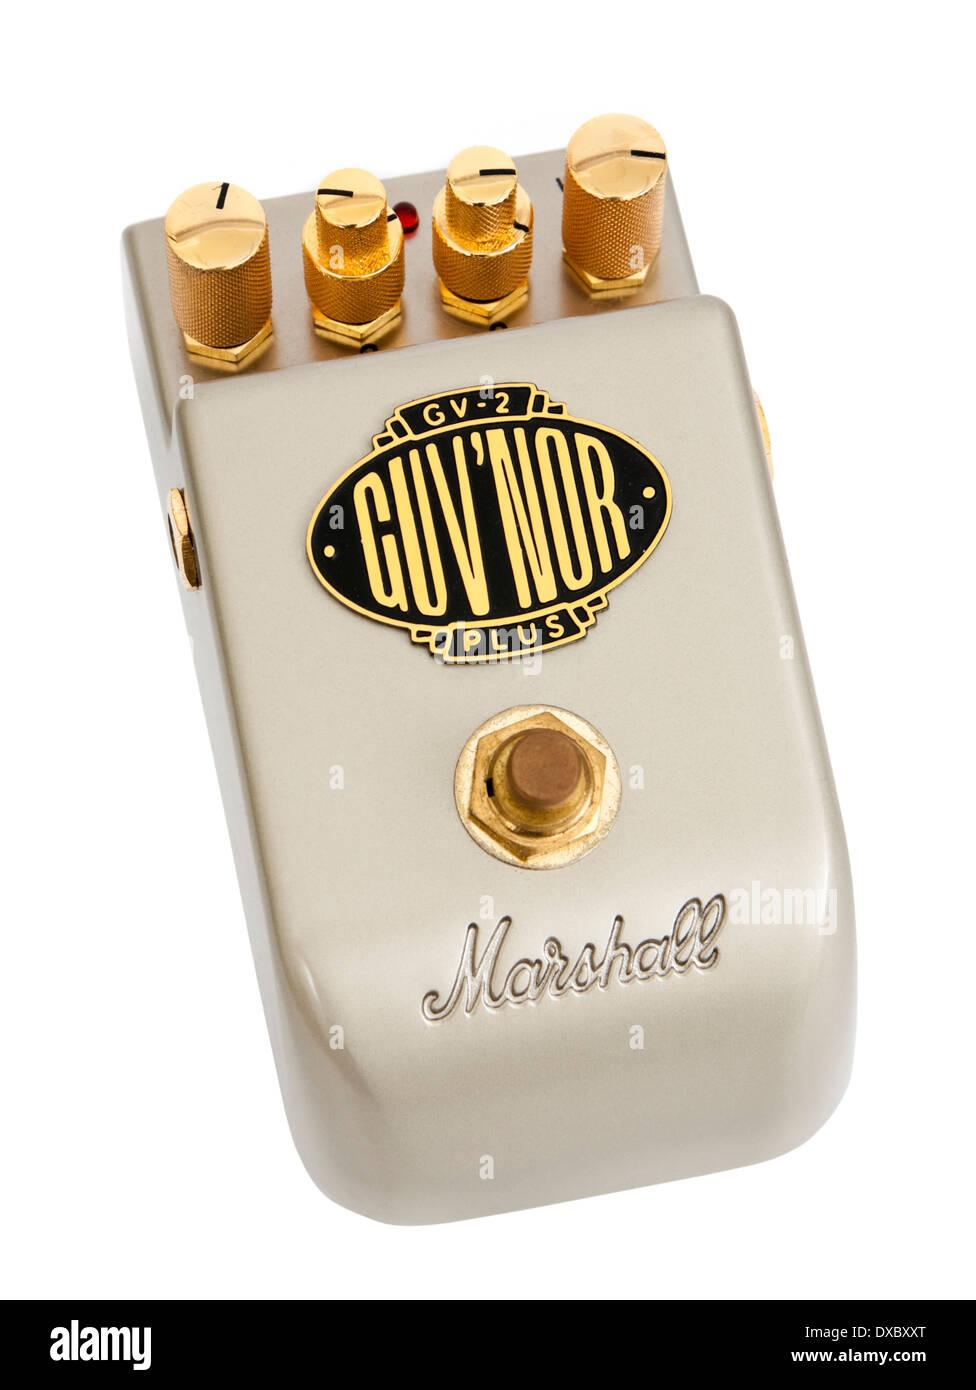 Marshall GV-2 Nor Plus Gitarren-Effektpedal Stockbild